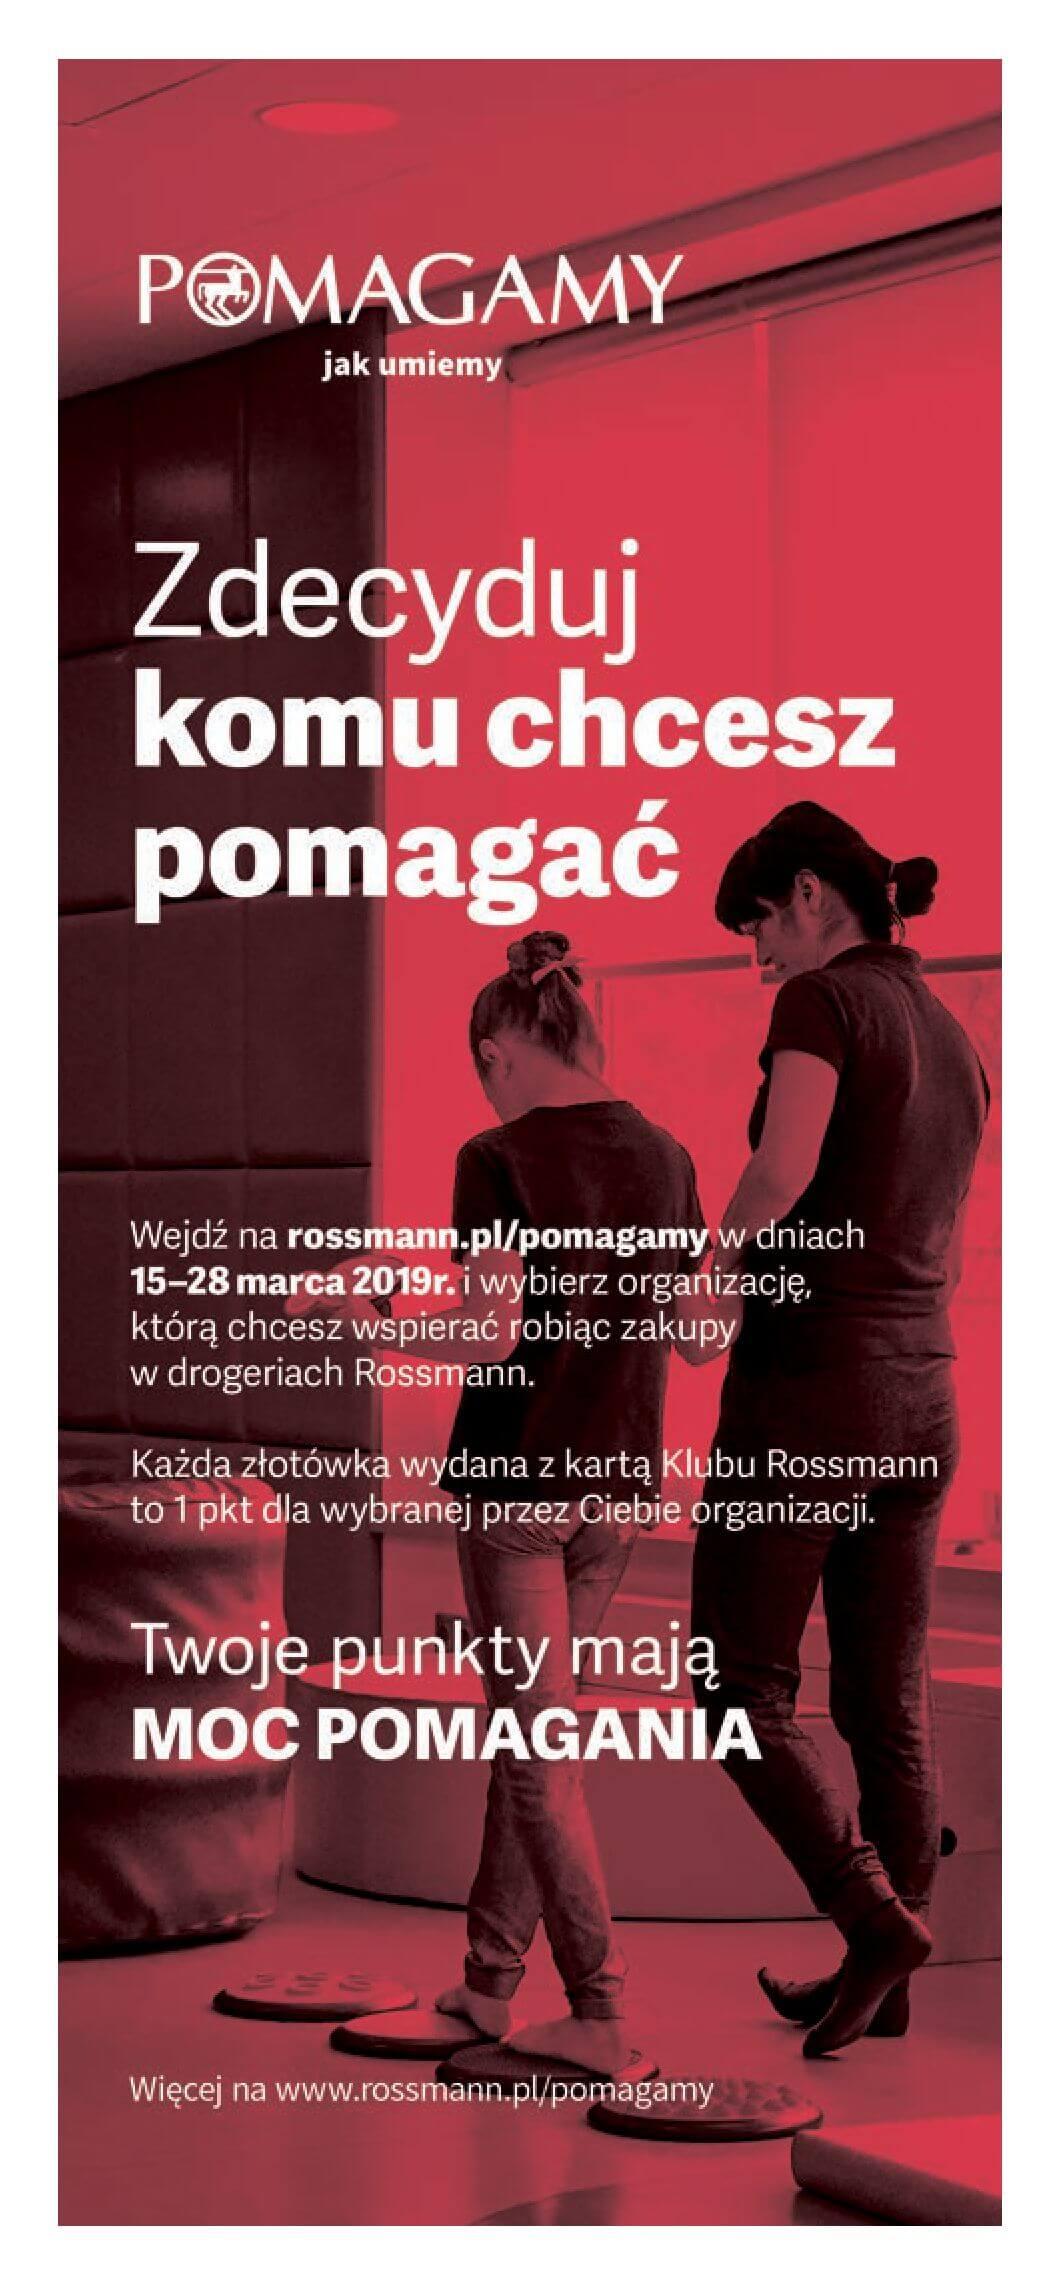 Gazetka Rossmann - Oferta na artykuły kosmetyczne-07.03.2019-19.03.2019-page-